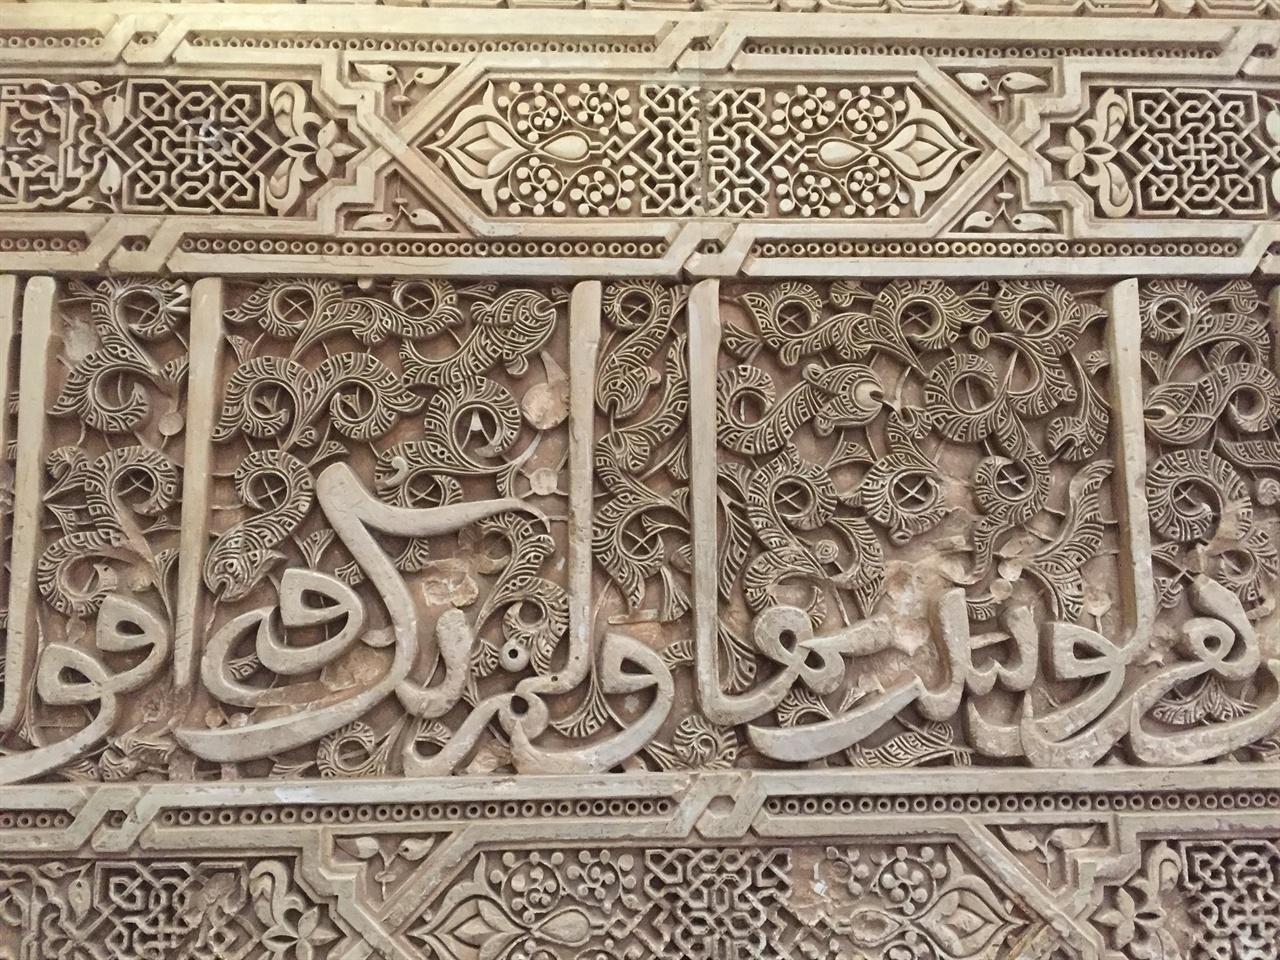 """어디에든 남아있는 기도입니다.  """"알라는 위대하다!""""라는 이슬람어 표기라고 해요. 어디에든 크기는 변주되어 있었지만, 벽에 가득하게 새겨져 있었어요. 어쩌면, 이 공간 전체가 그들의 기도와 염원을 가득 담고 있지 않을까요?"""